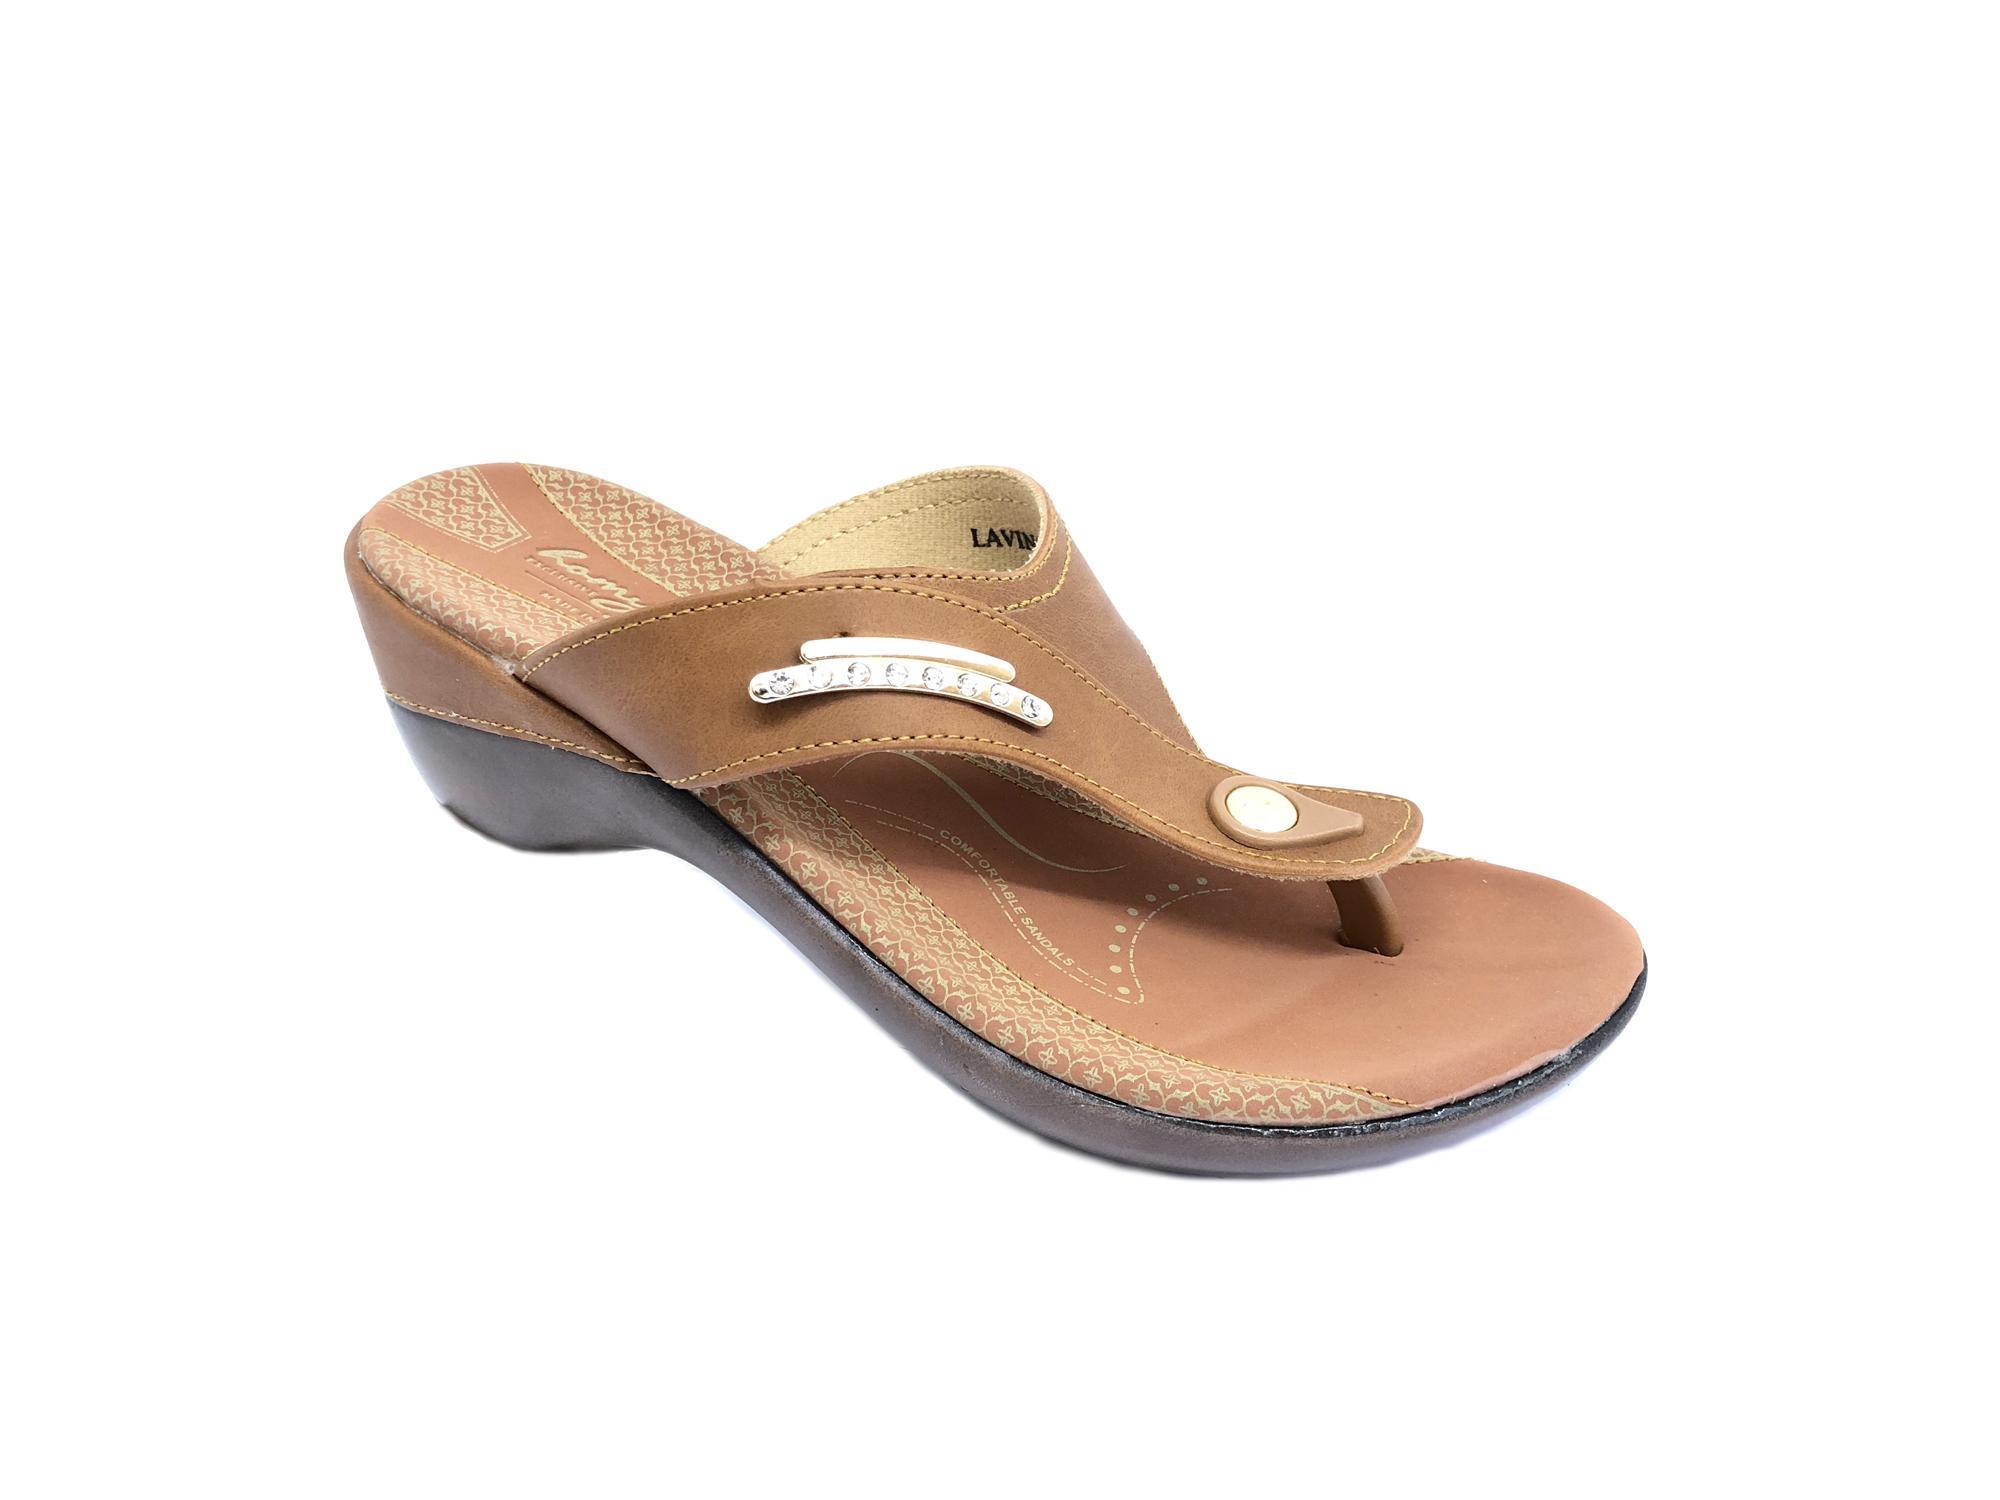 Jual Sepatu Sandal Homyped Gunung Anak Shooter 01 Black 35 Lavencia B52 Sendal Wanita Coklat Muda